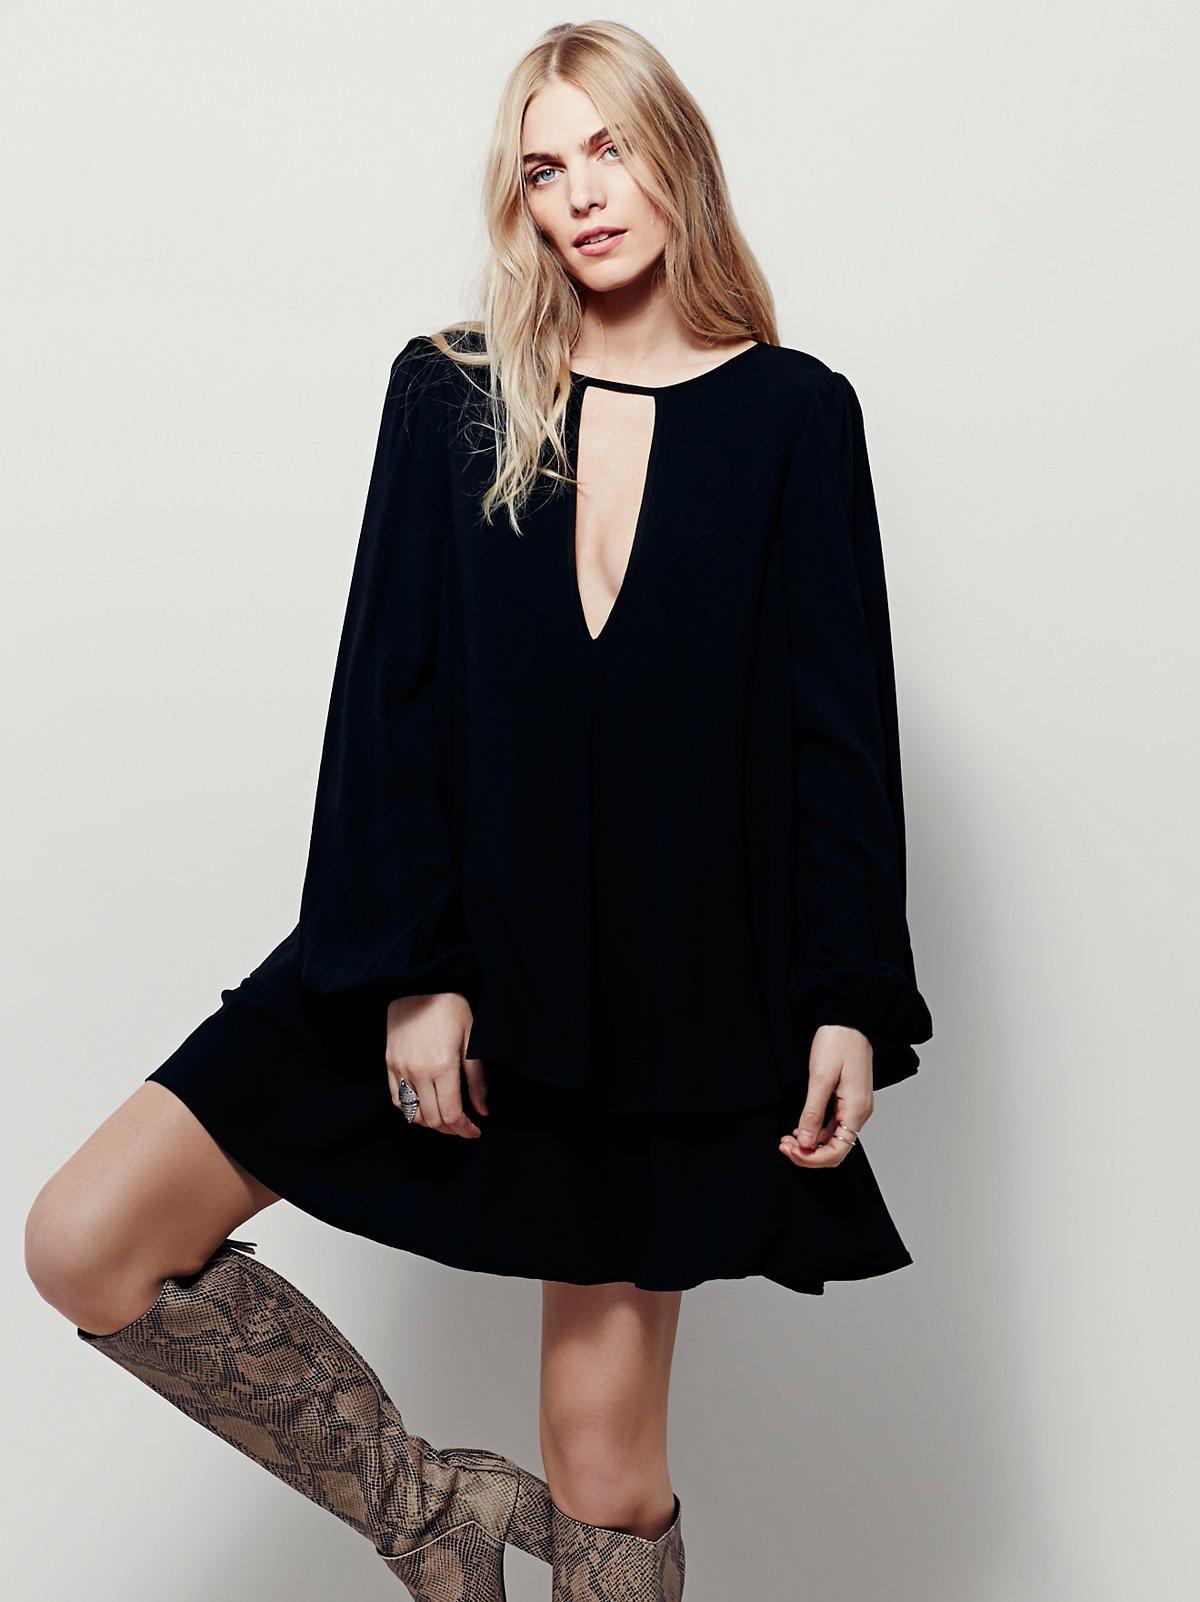 Beck连衣裙